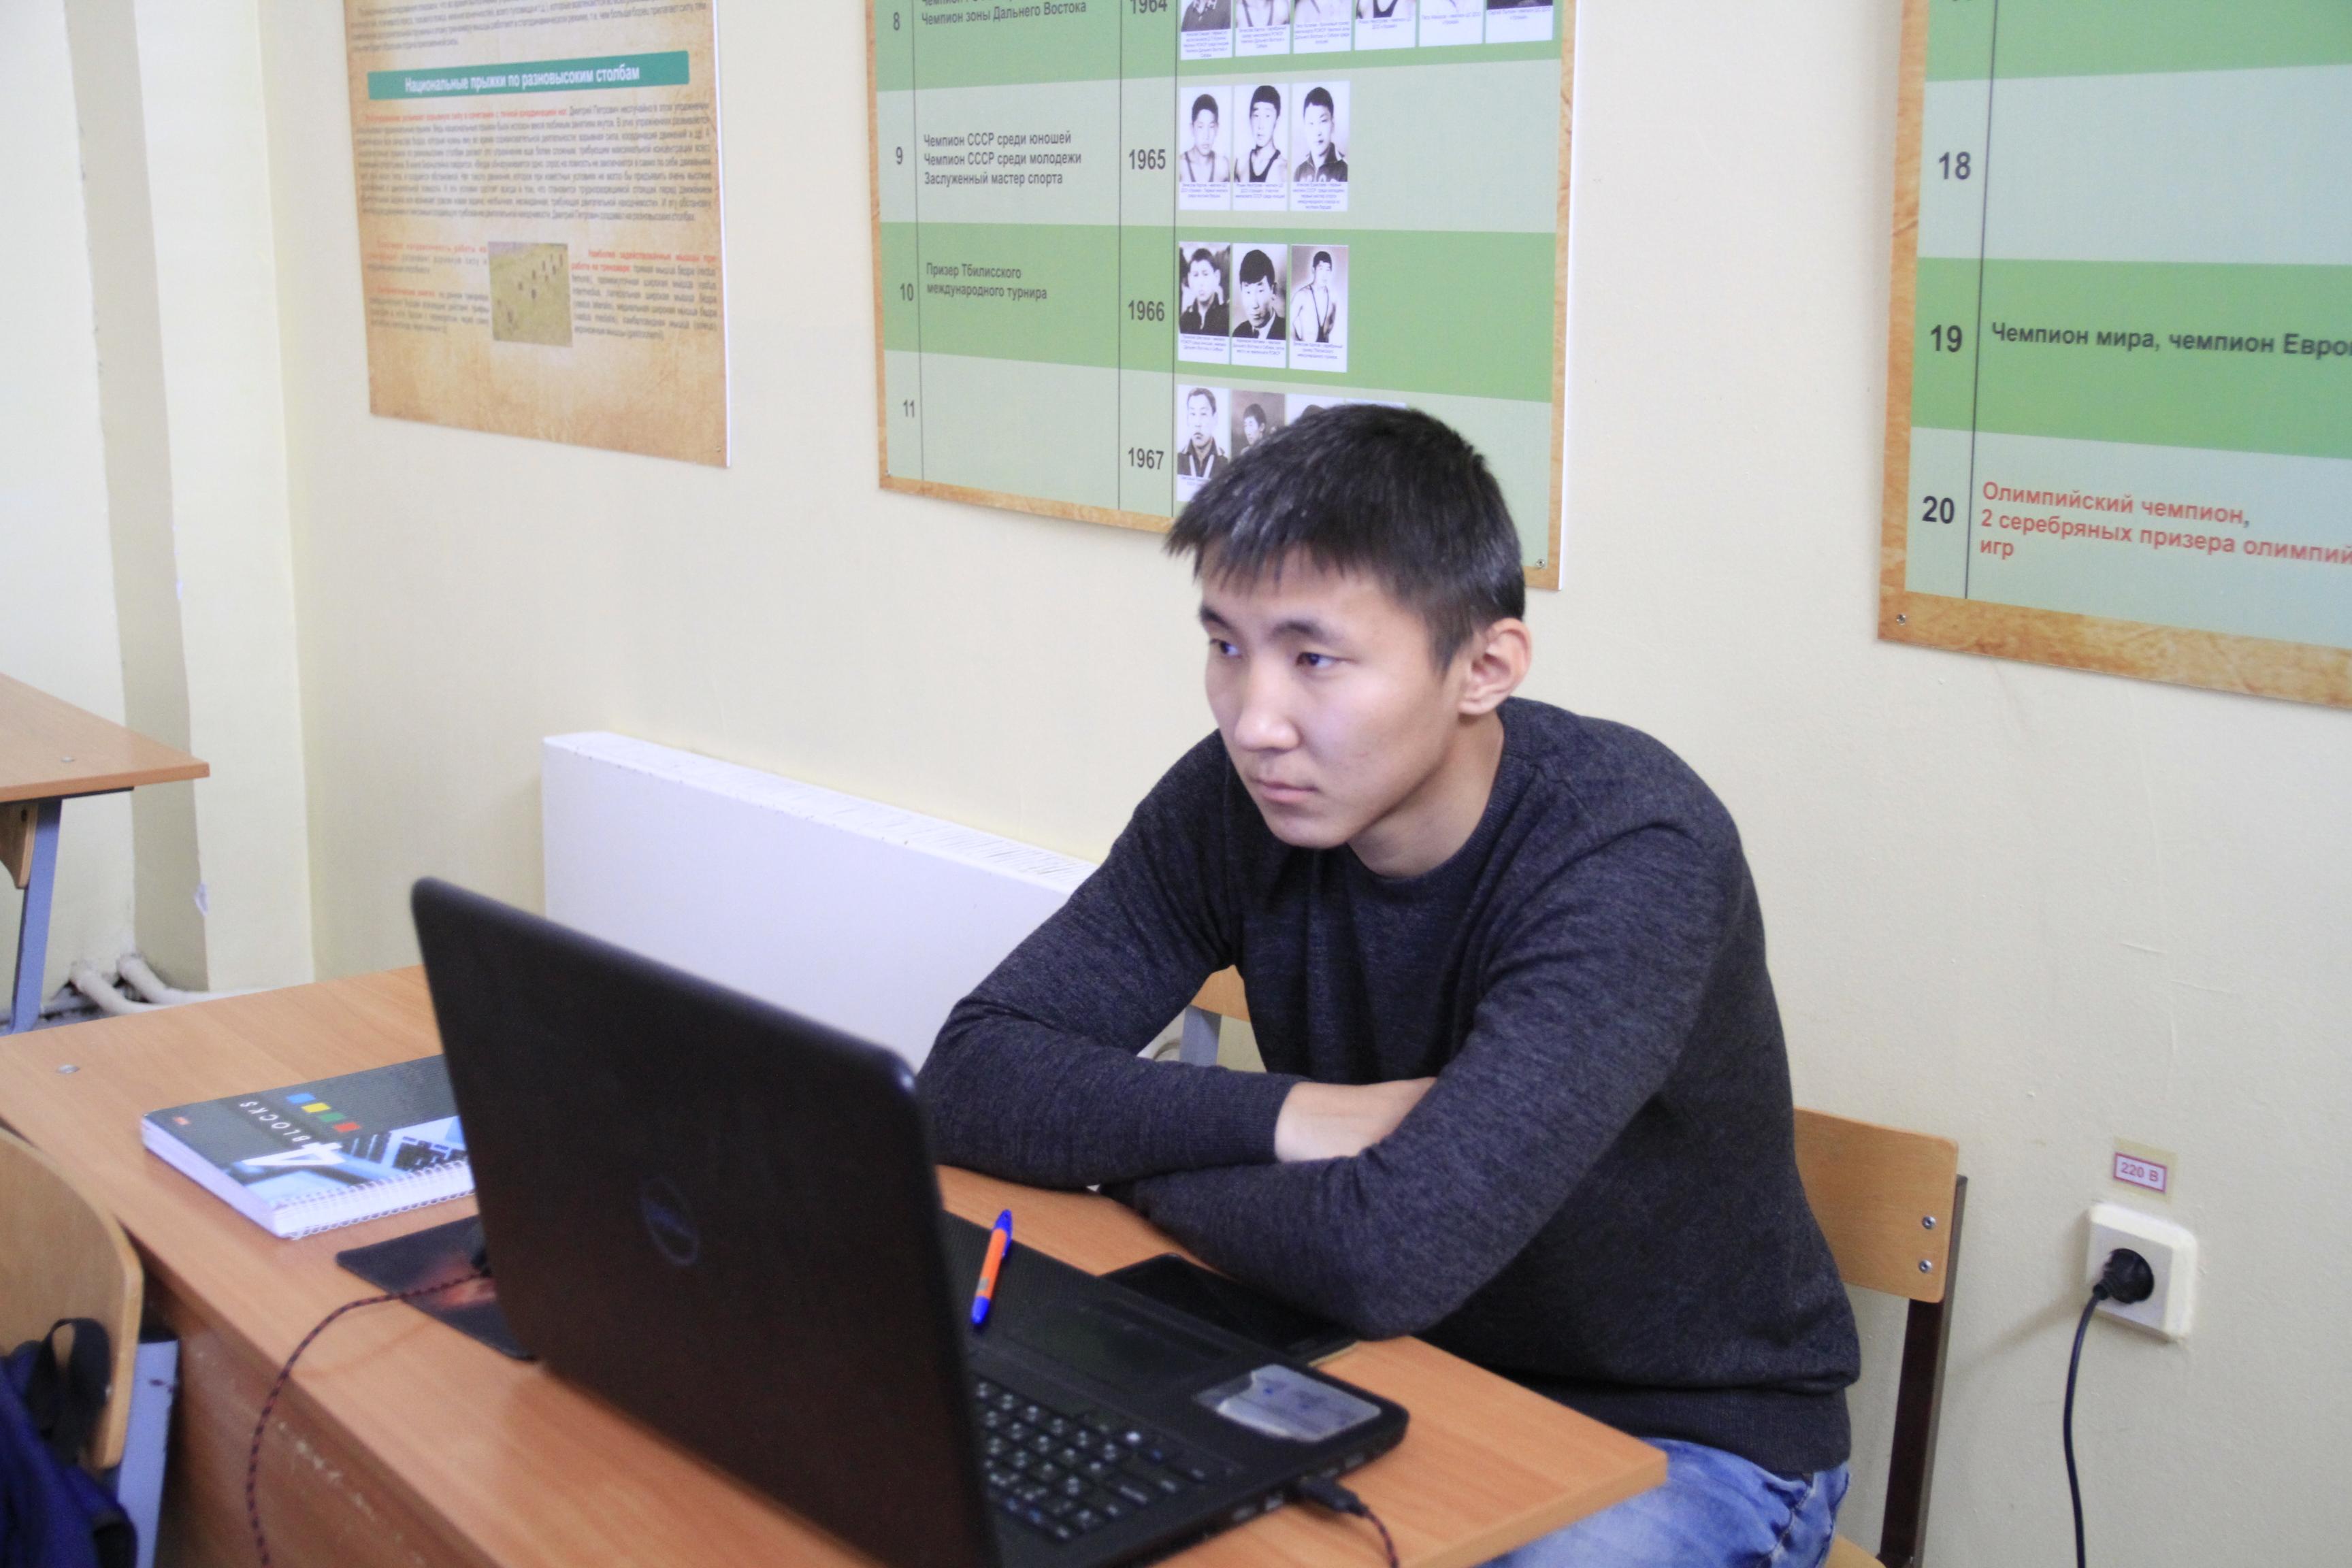 1 место- Николаев Ю.Н., студент 4-го курса направления «Физическая культура» ОФО, научн.рук. Логинов В.Н